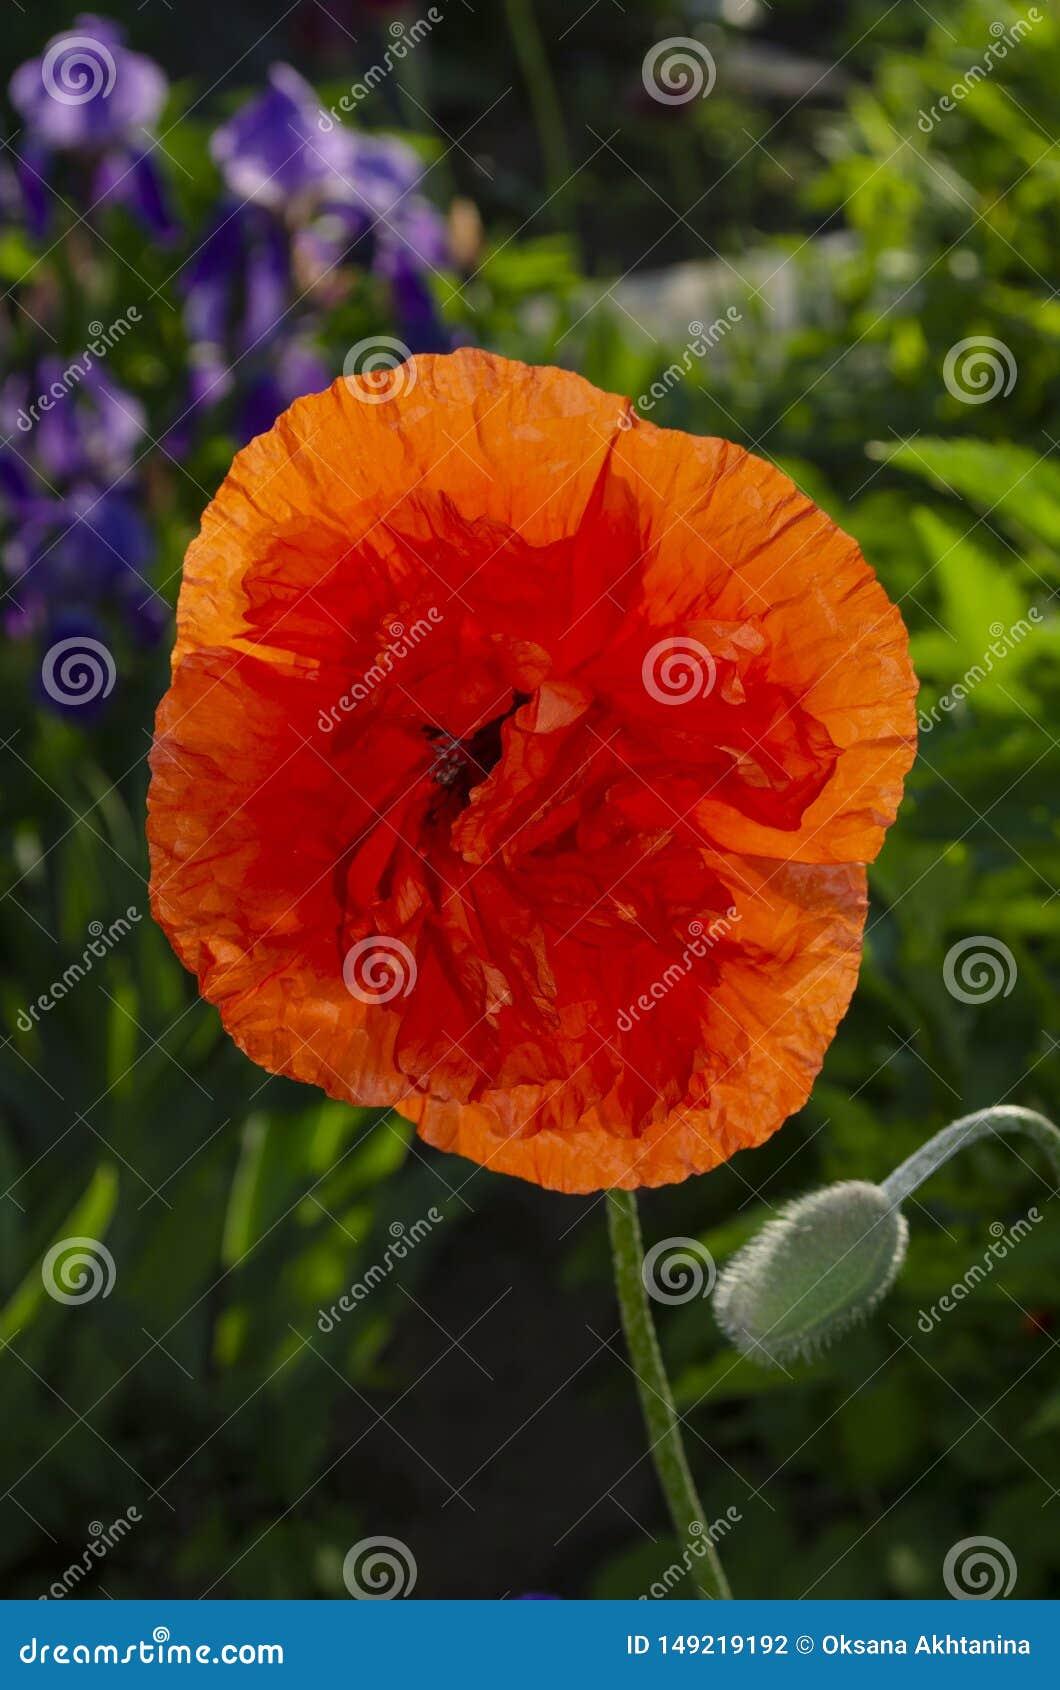 Odwiecznie orientalny ornamentacyjny maczek - popularna roślina która r w parkach